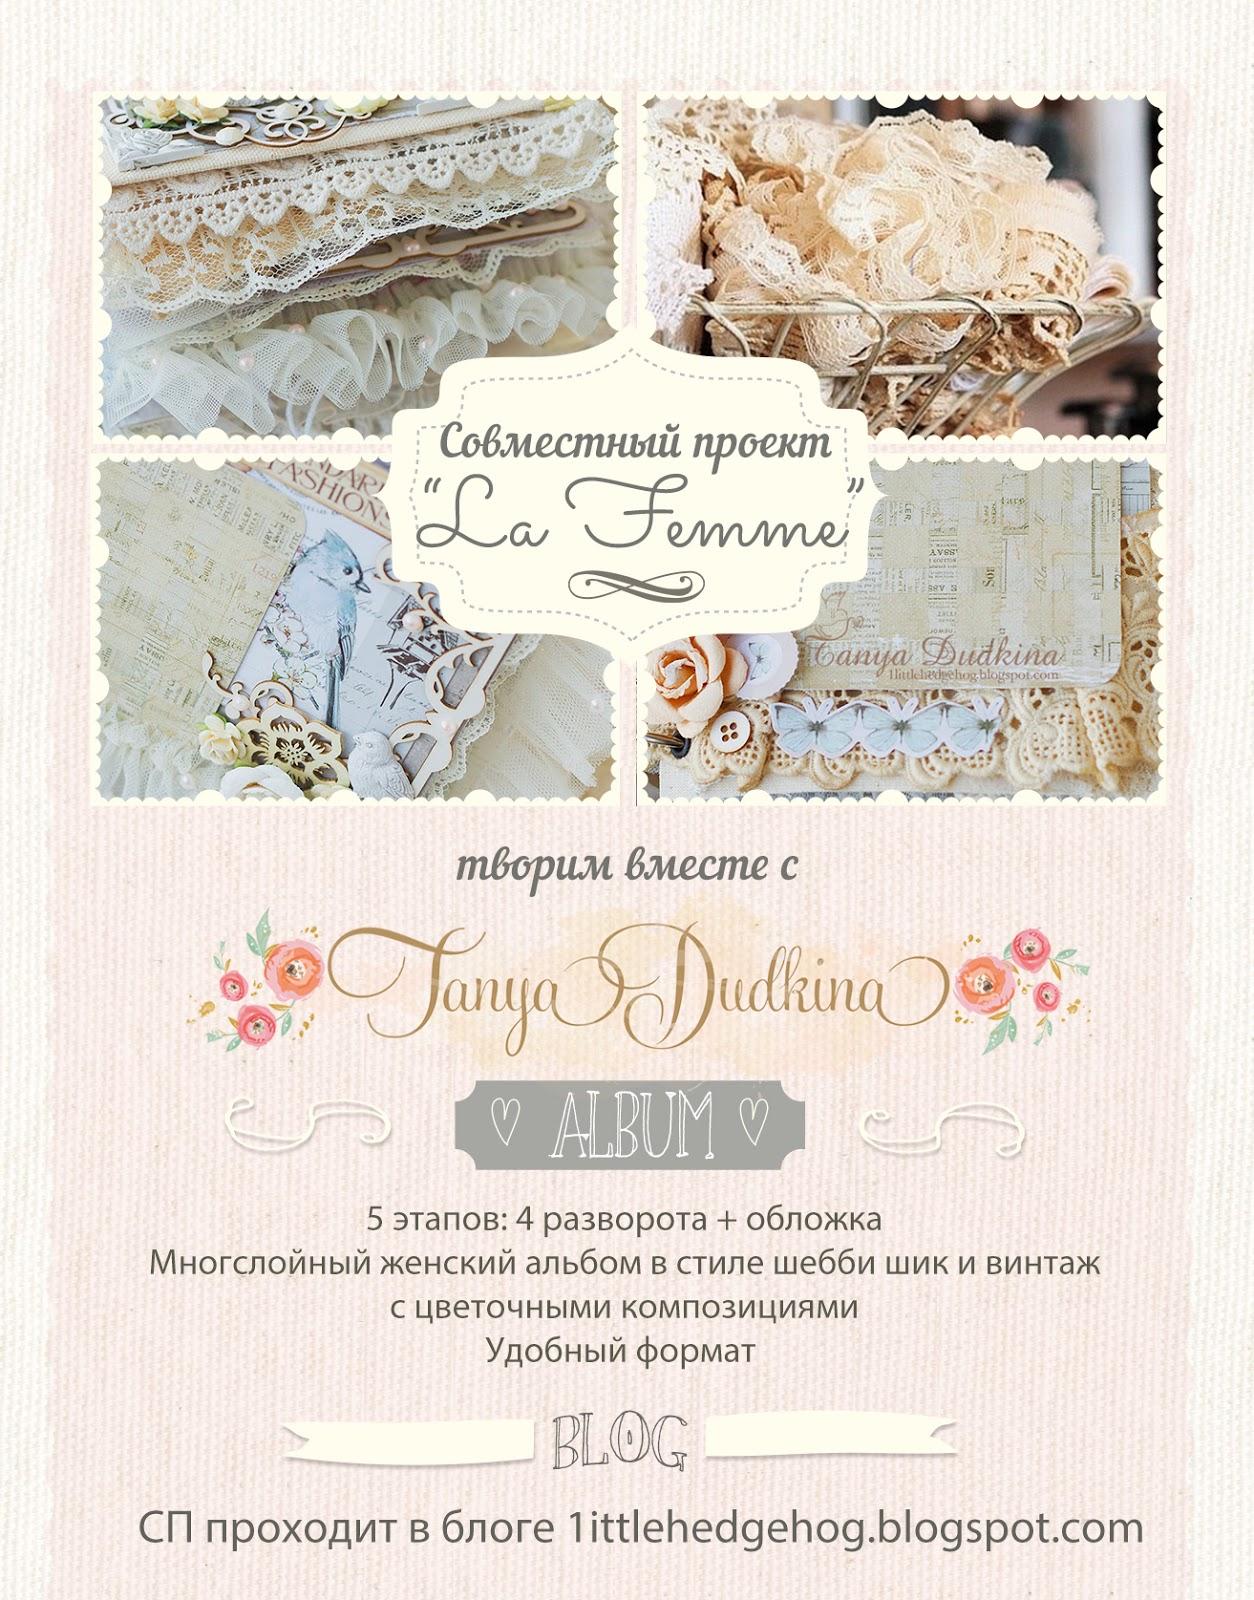 СП от Танюши Дудкиной